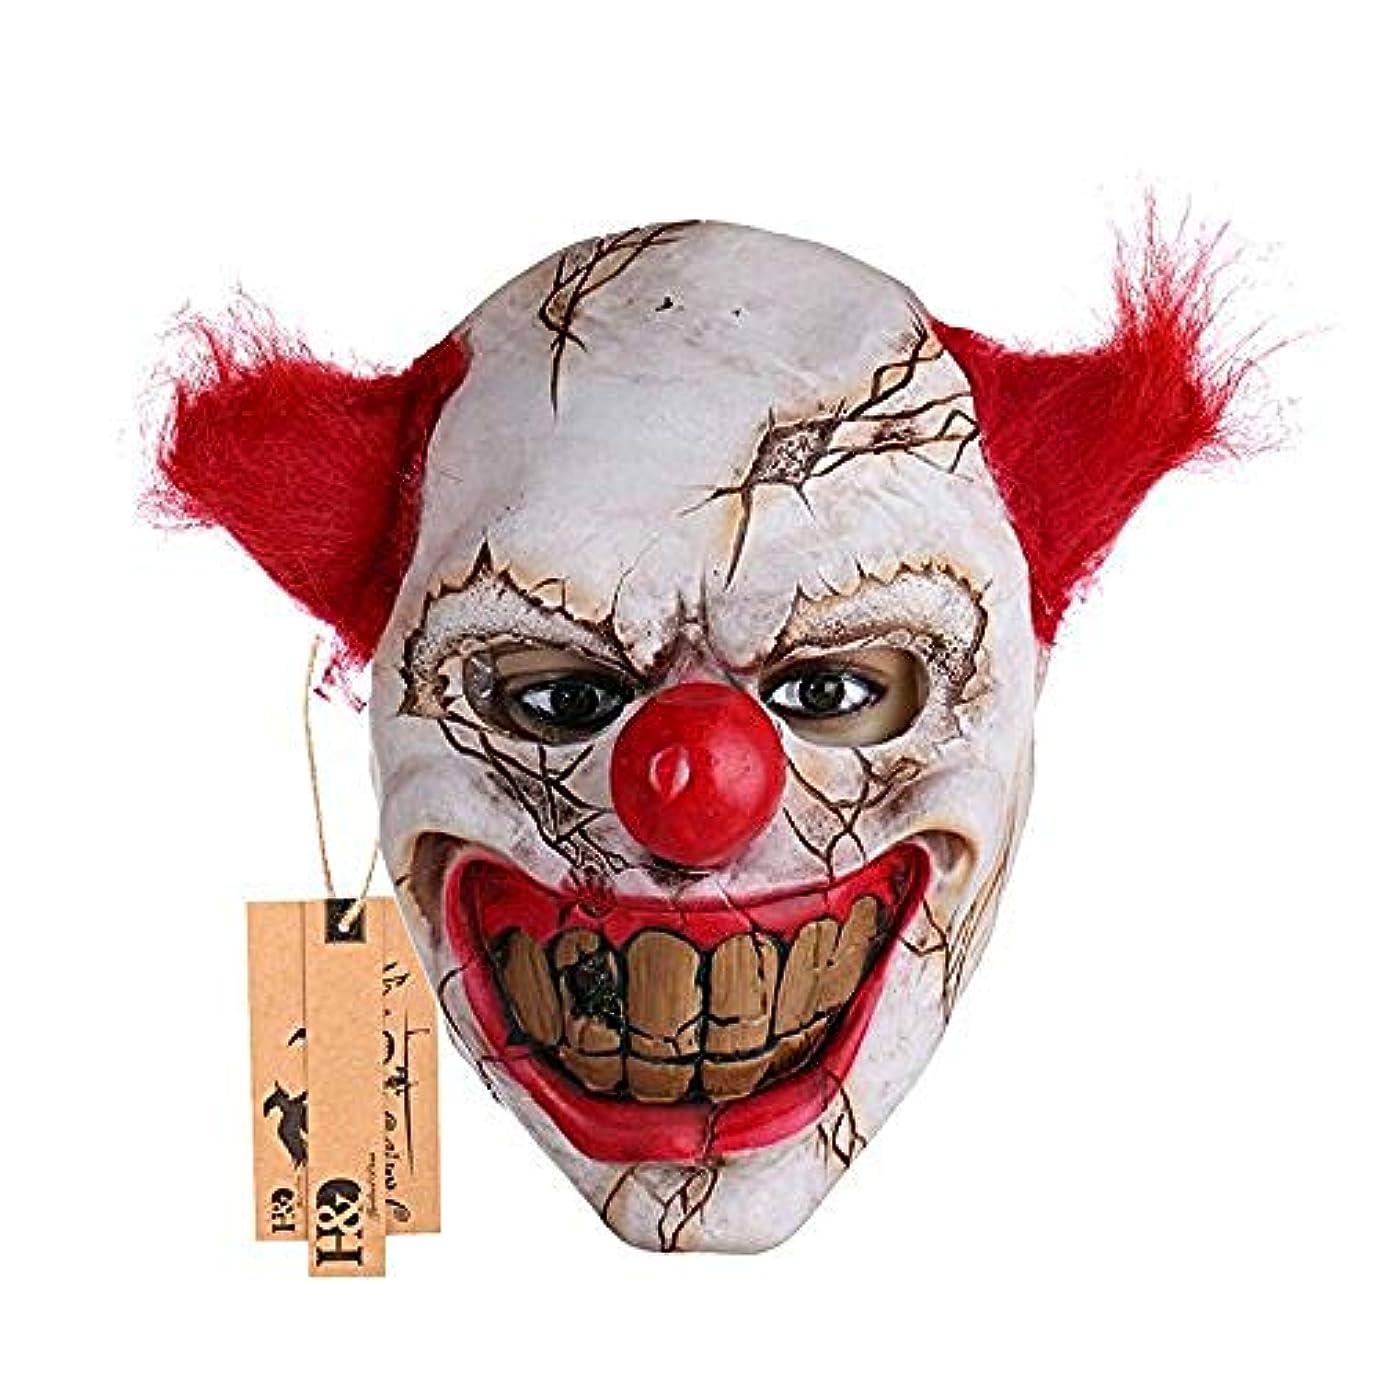 ピザ統治する国旗ハロウィーンラテックスピエロマスク、コスチュームパーティー小道具マスク、透明な大きな口の赤い髪の鼻、コスプレホラーマスカレードマスクゴーストパーティー